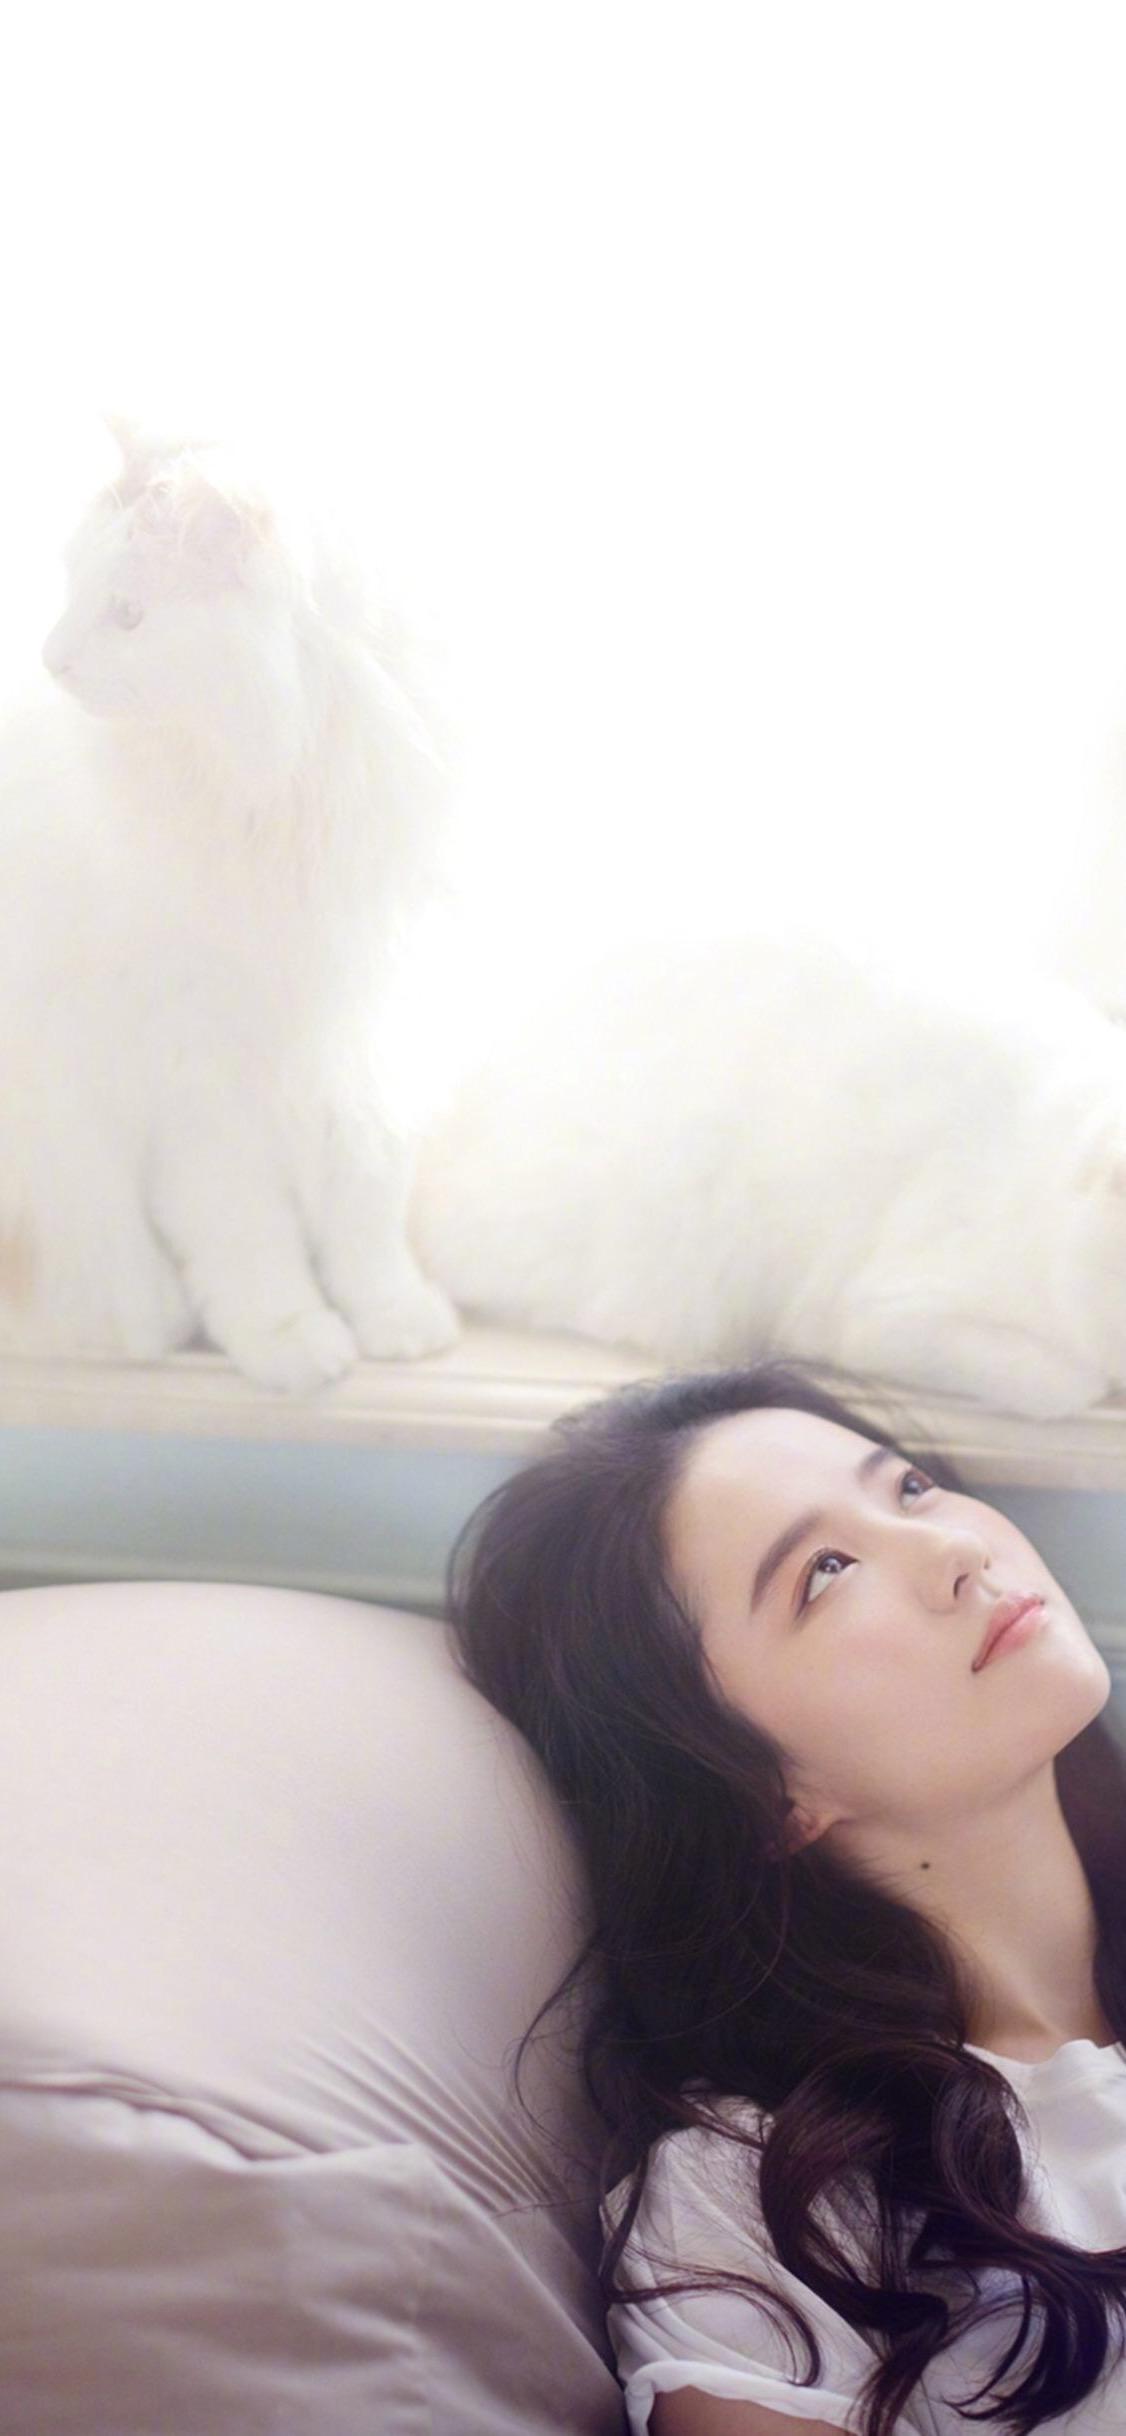 演员刘亦菲高清手机壁纸